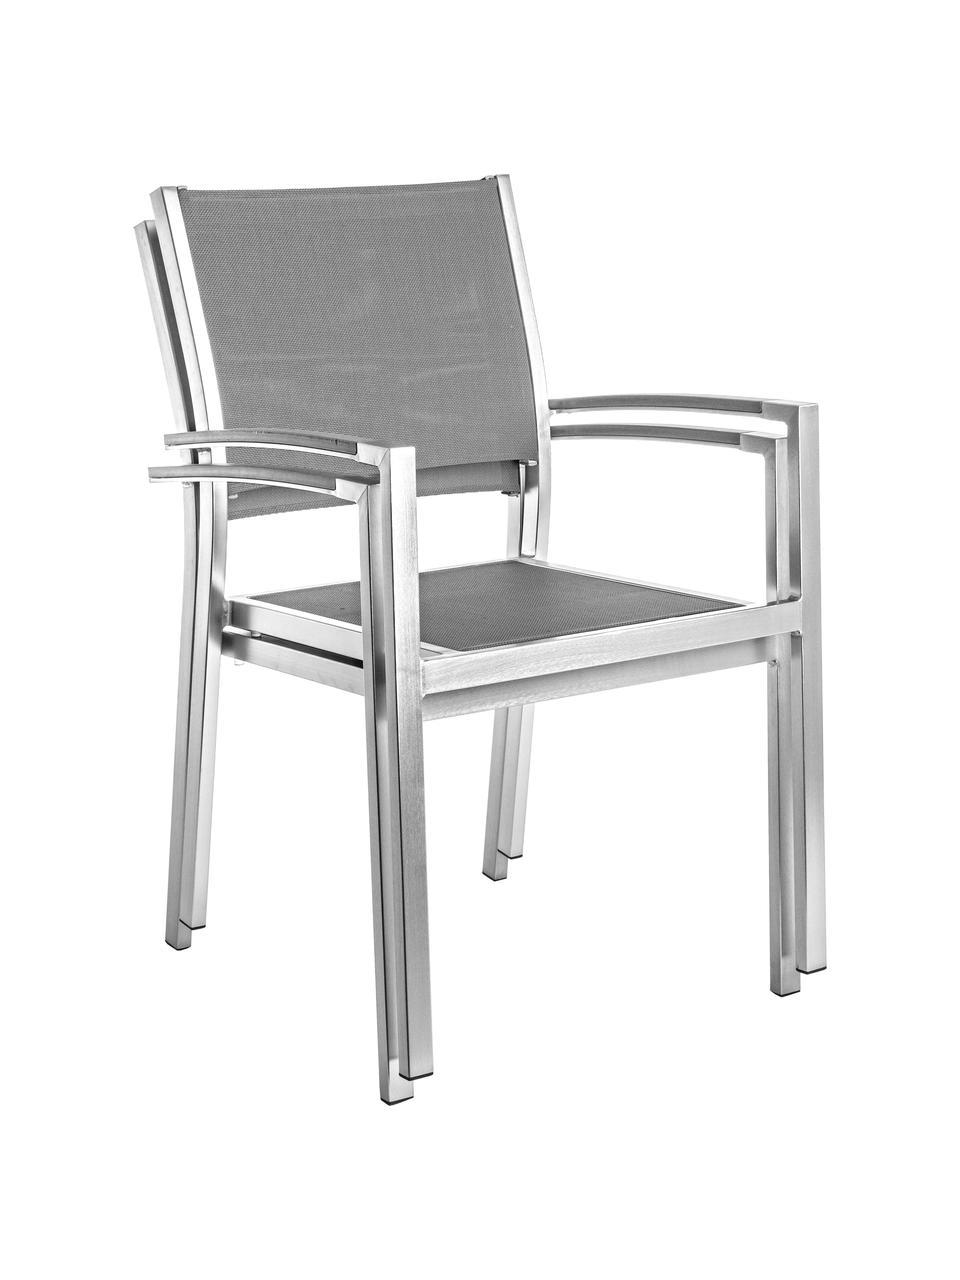 Stapelbarer Gartenstuhl Inez mit Armlehnen, Gestell: Aluminium, satiniert, Sitzfläche: Textilene, Stahl, Grau, B 54 x T 57 cm